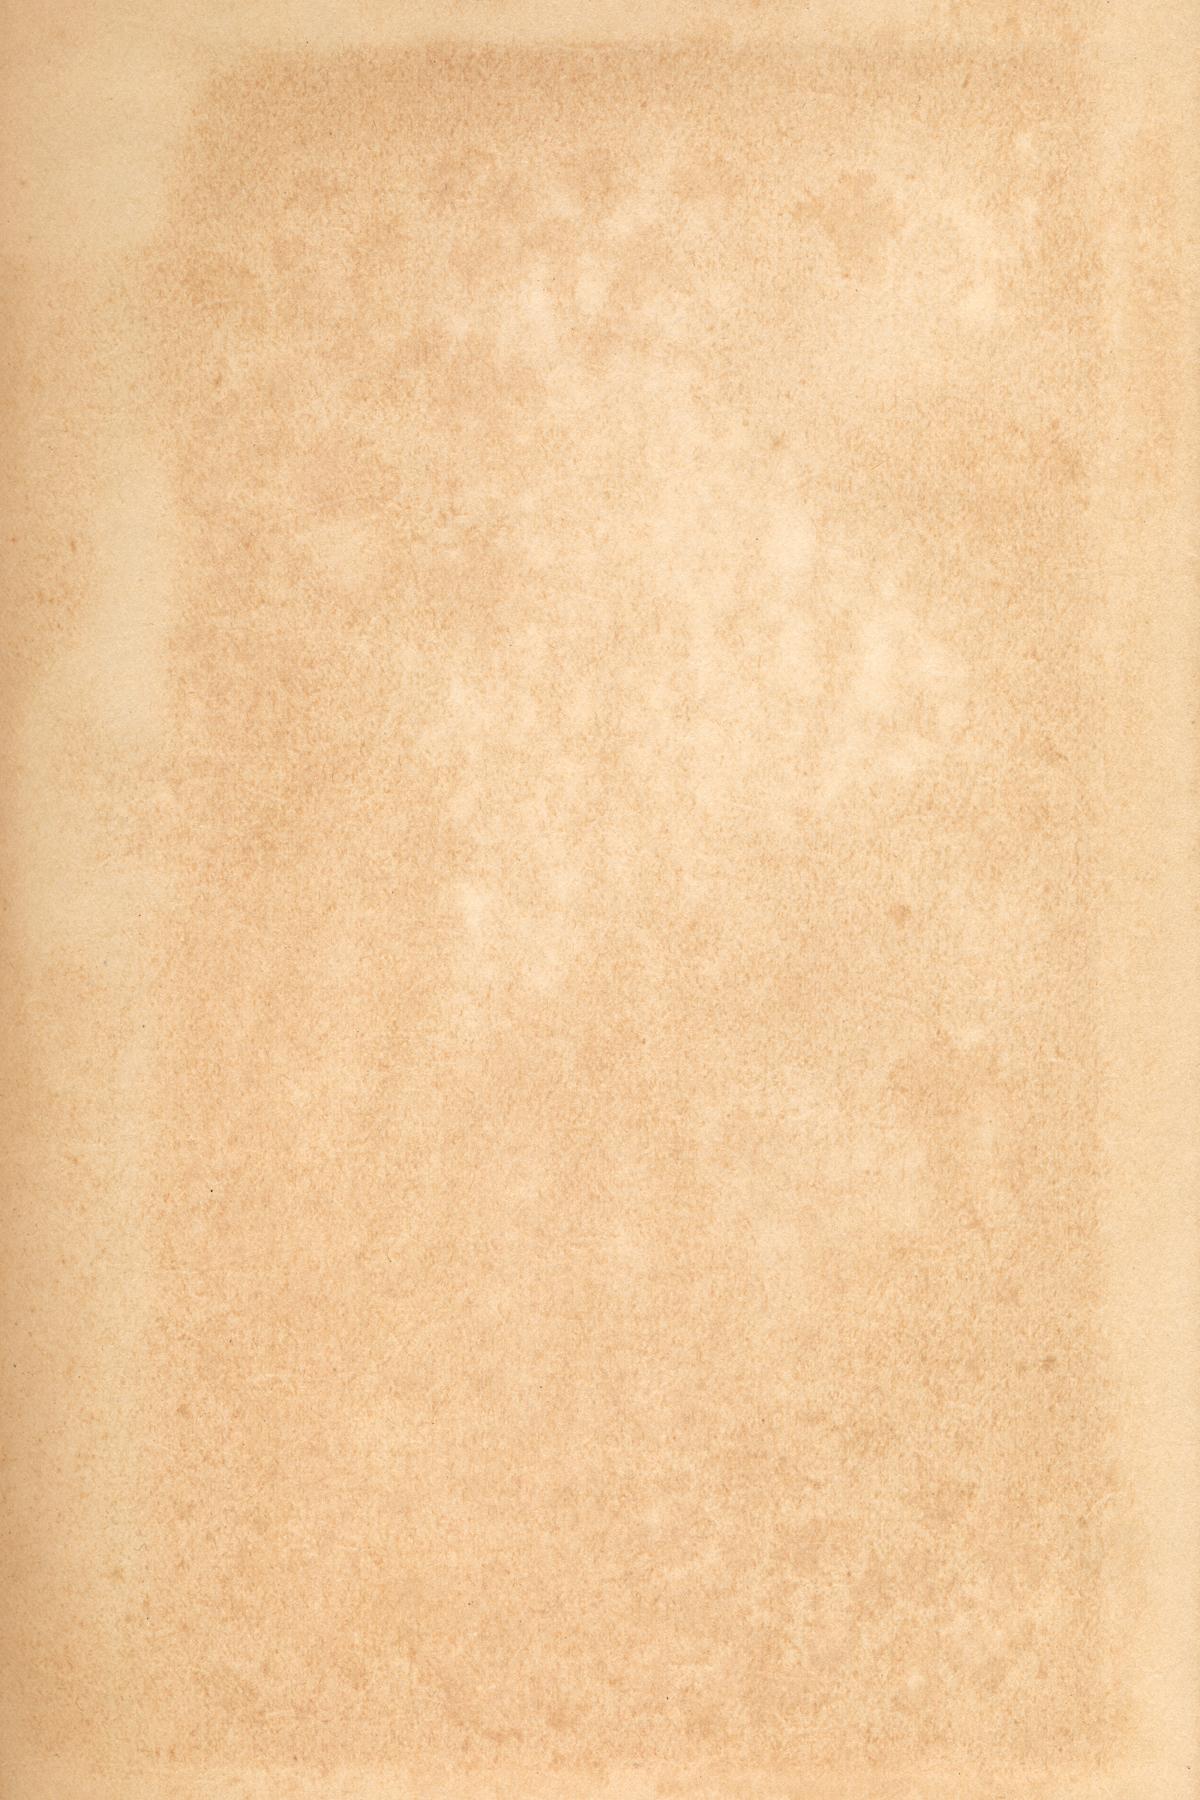 Paper texture - vintage grunge photo